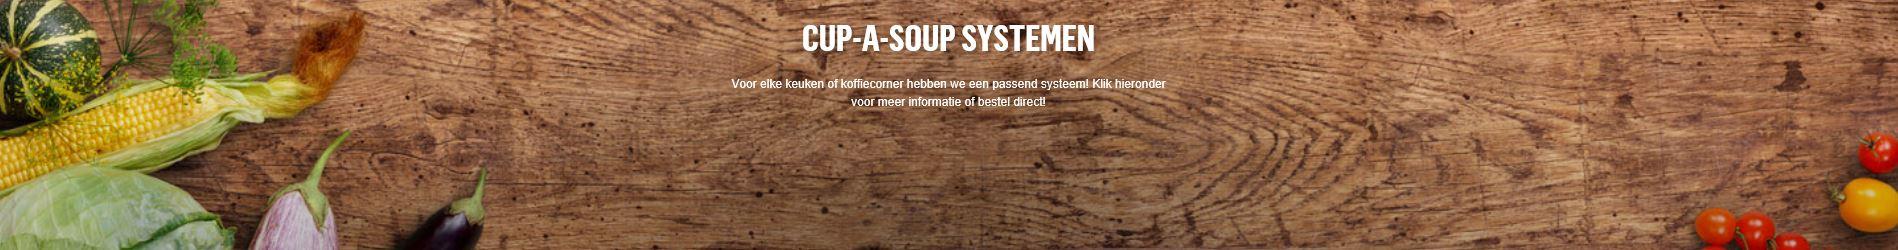 cup a soup; cup-a-soup; automaat; dispenser